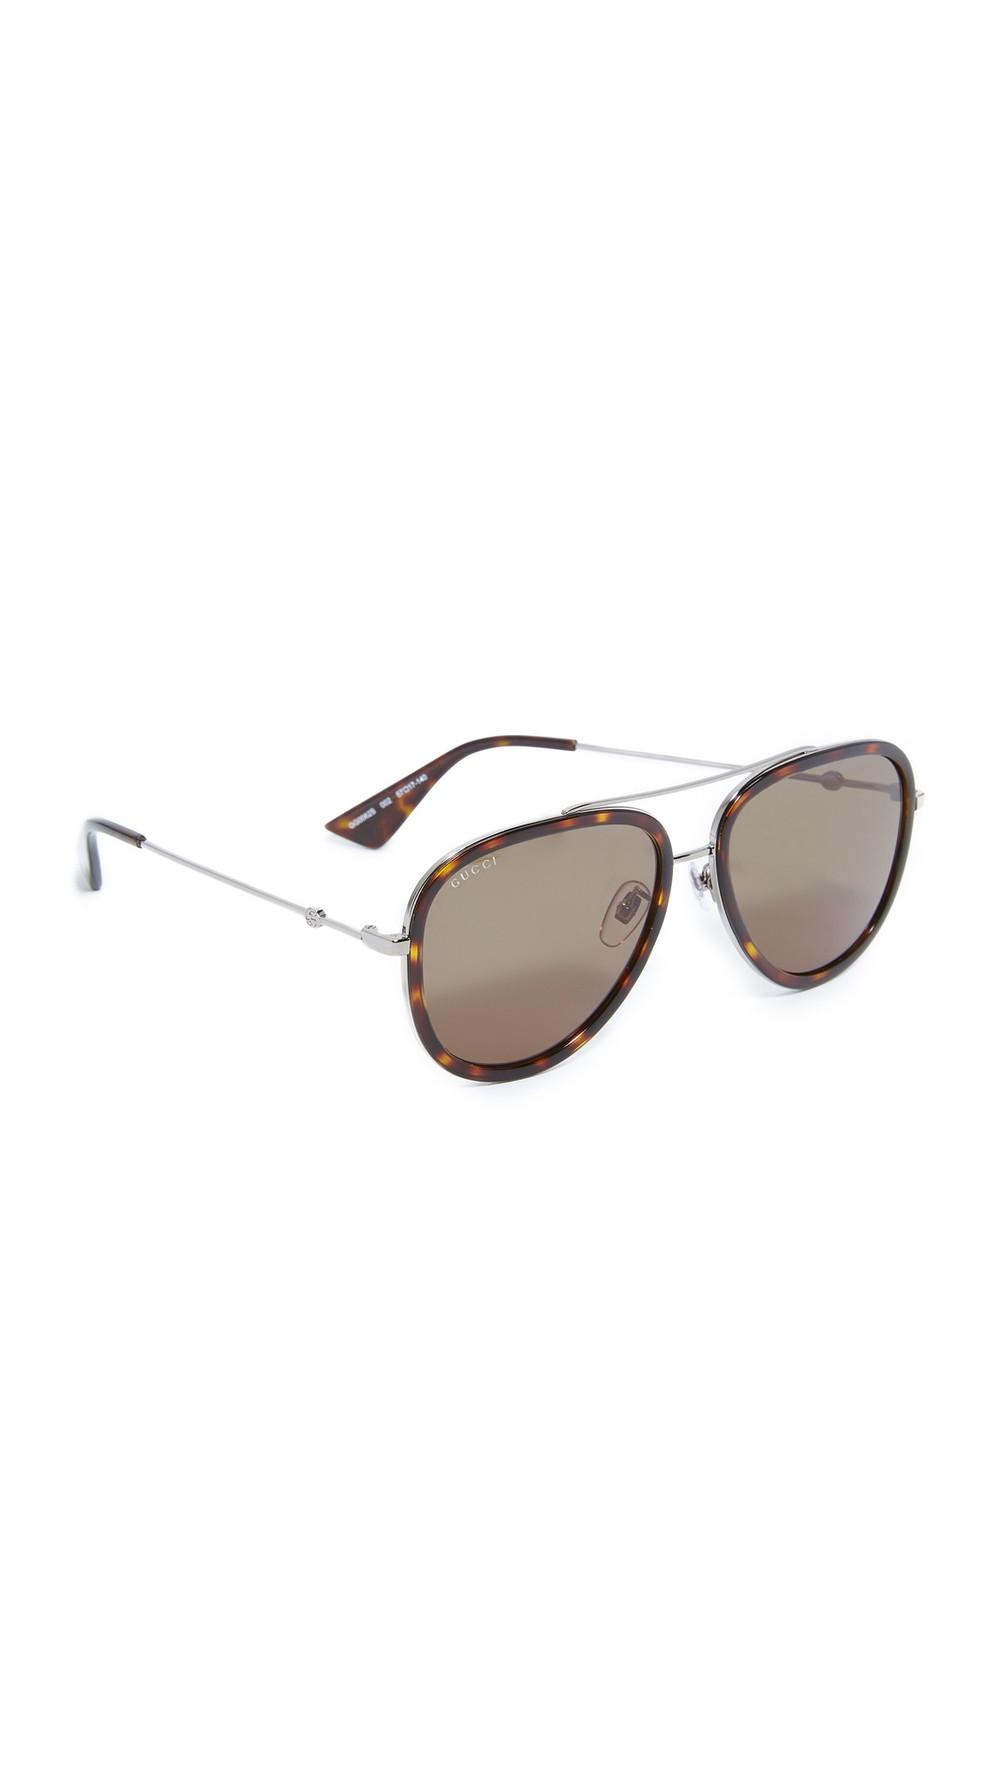 36555fb000 Gucci Urban Pop Oversized Square Sunglasses